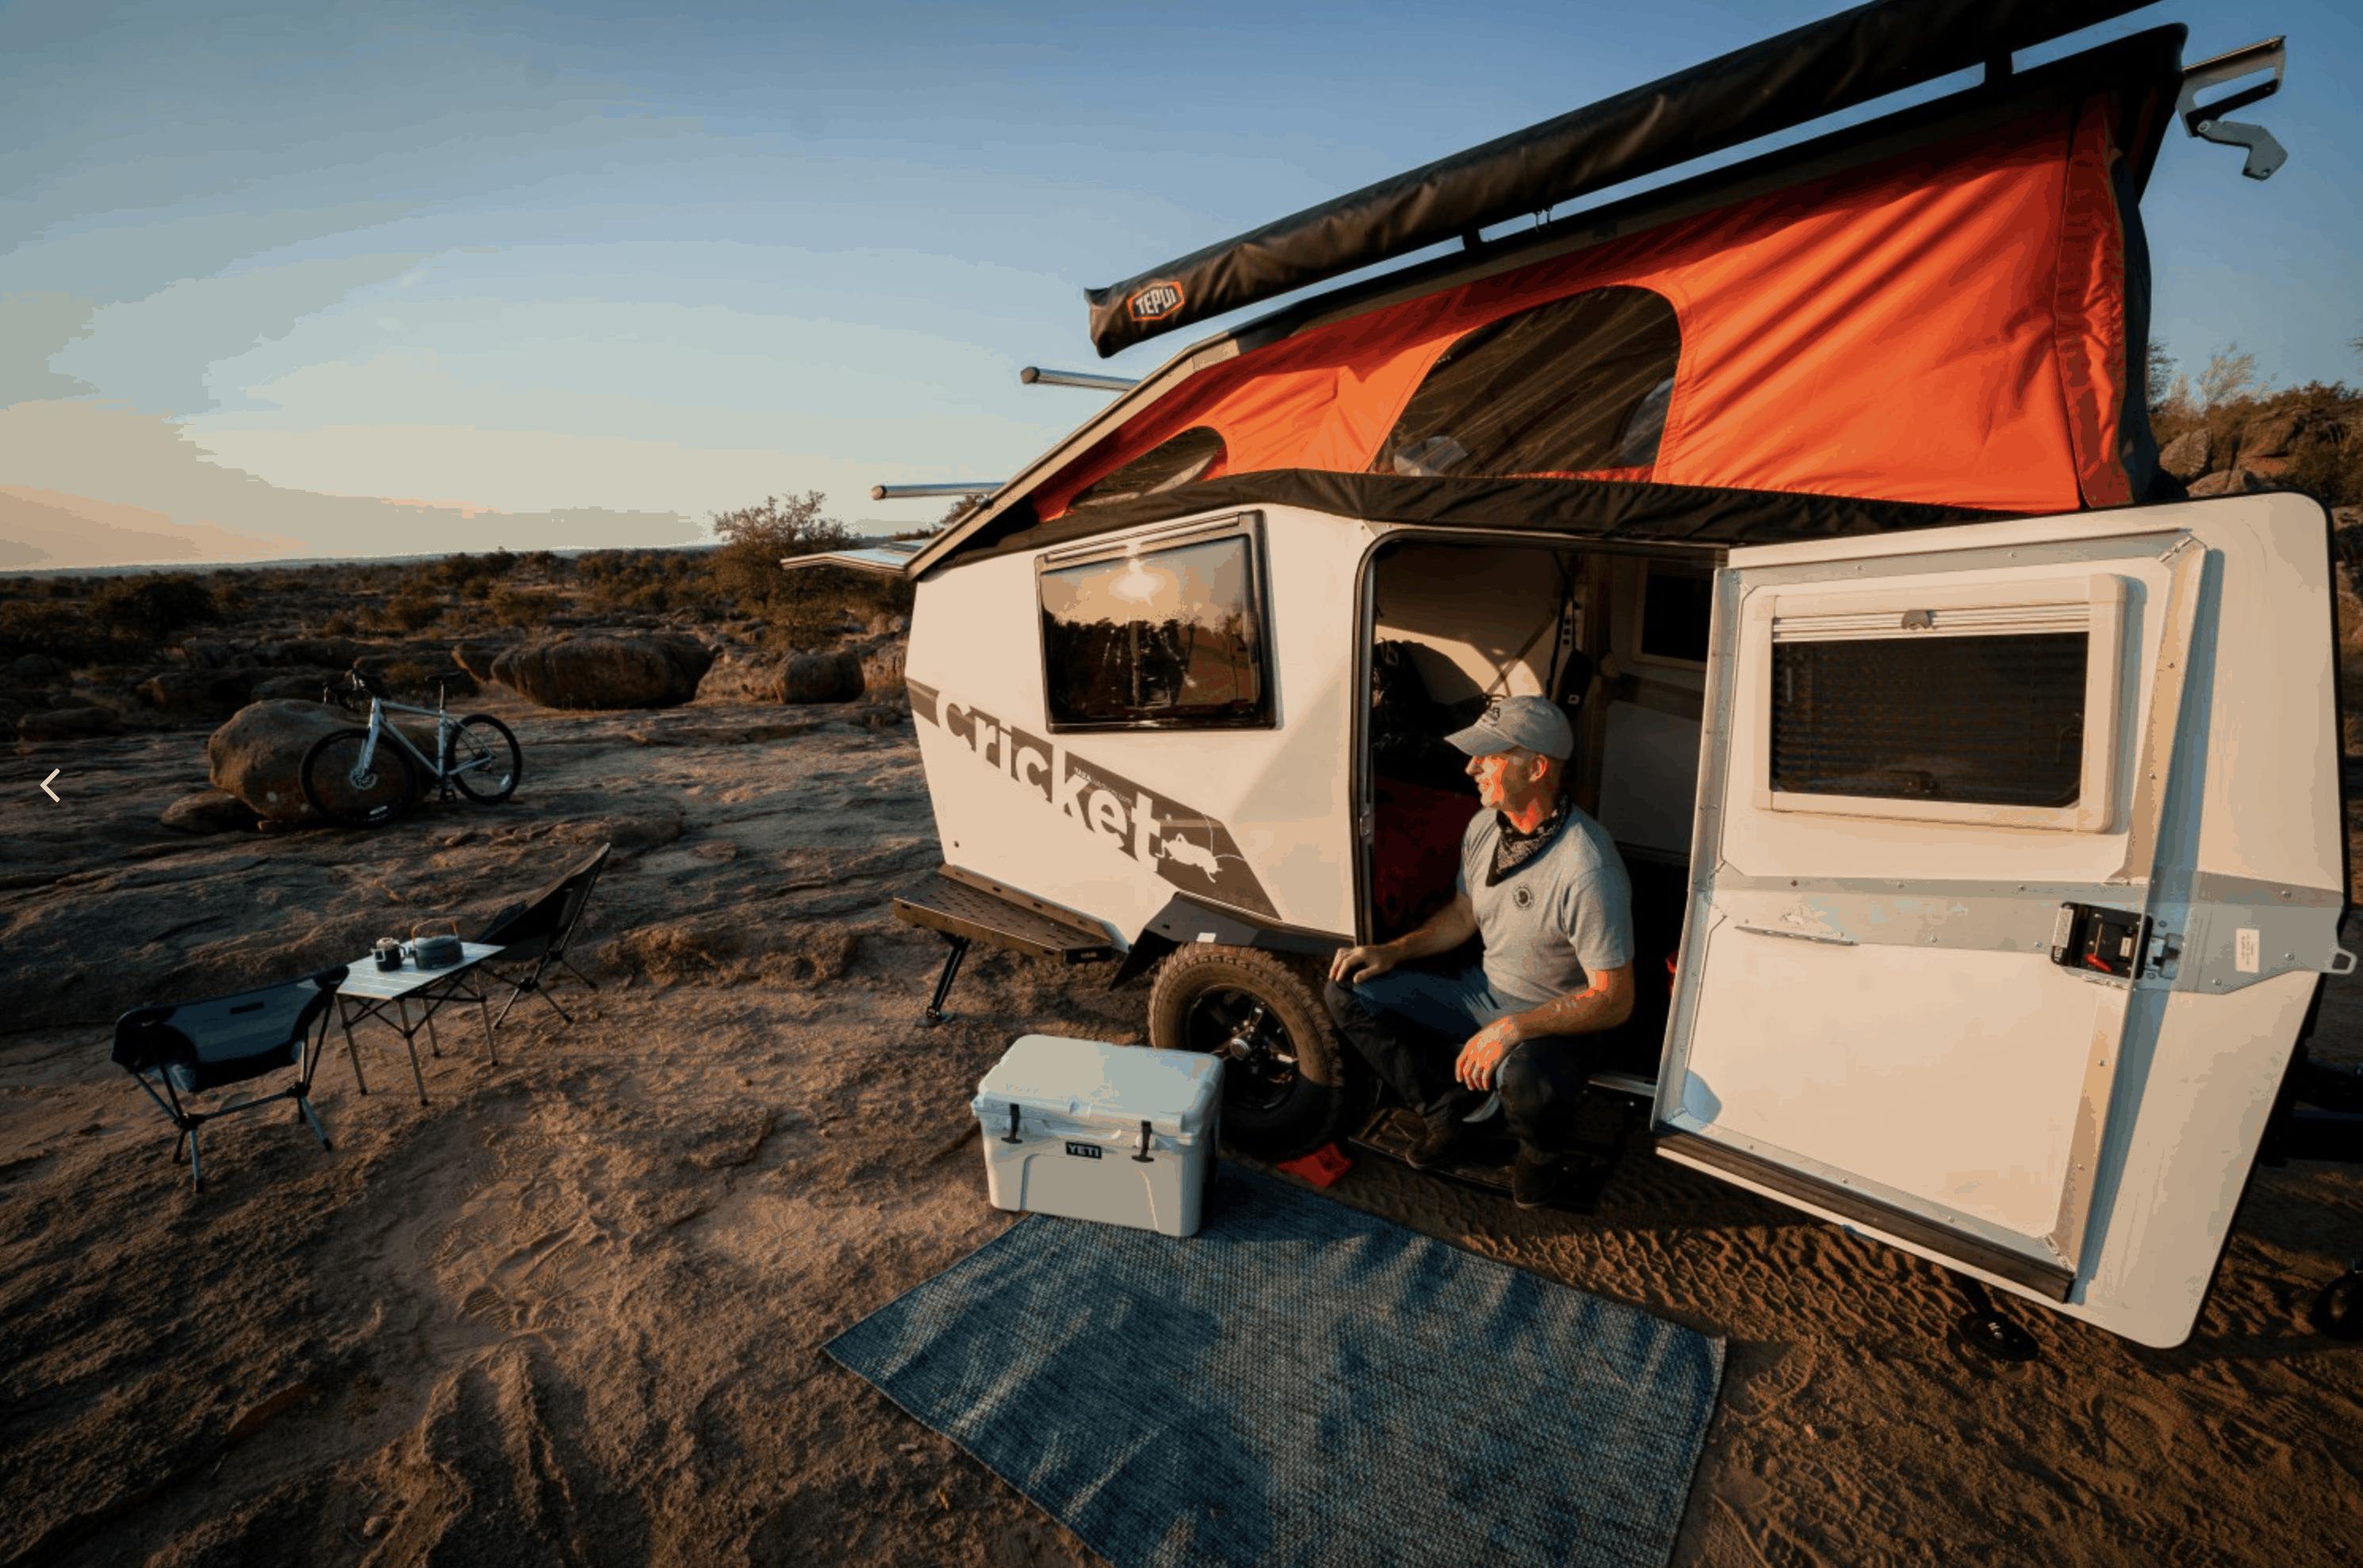 TAXA Outdoors Cricket - the best pop-up camper?